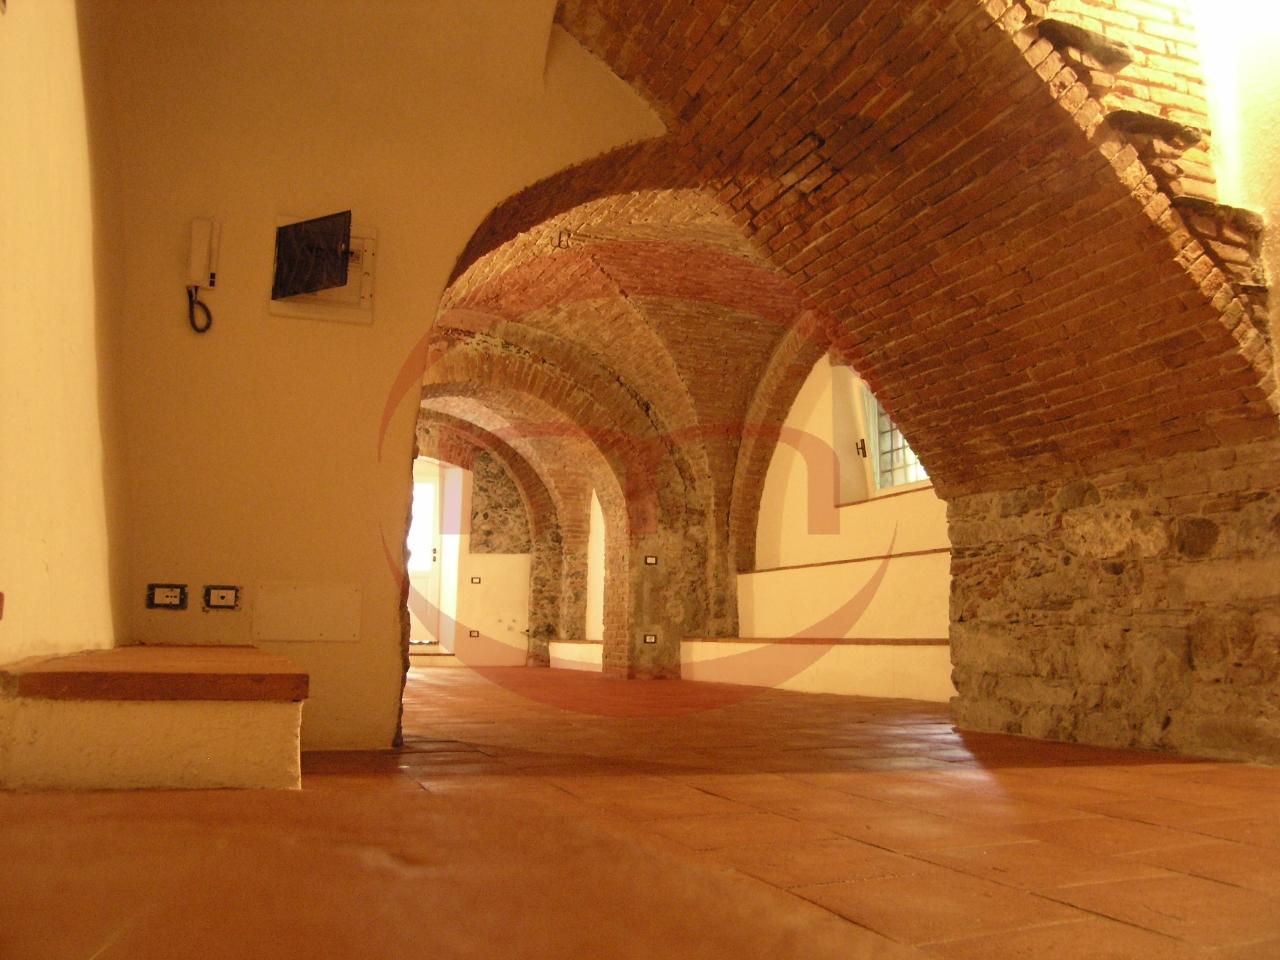 Negozio / Locale in vendita a Sarzana, 4 locali, prezzo € 168.000 | PortaleAgenzieImmobiliari.it